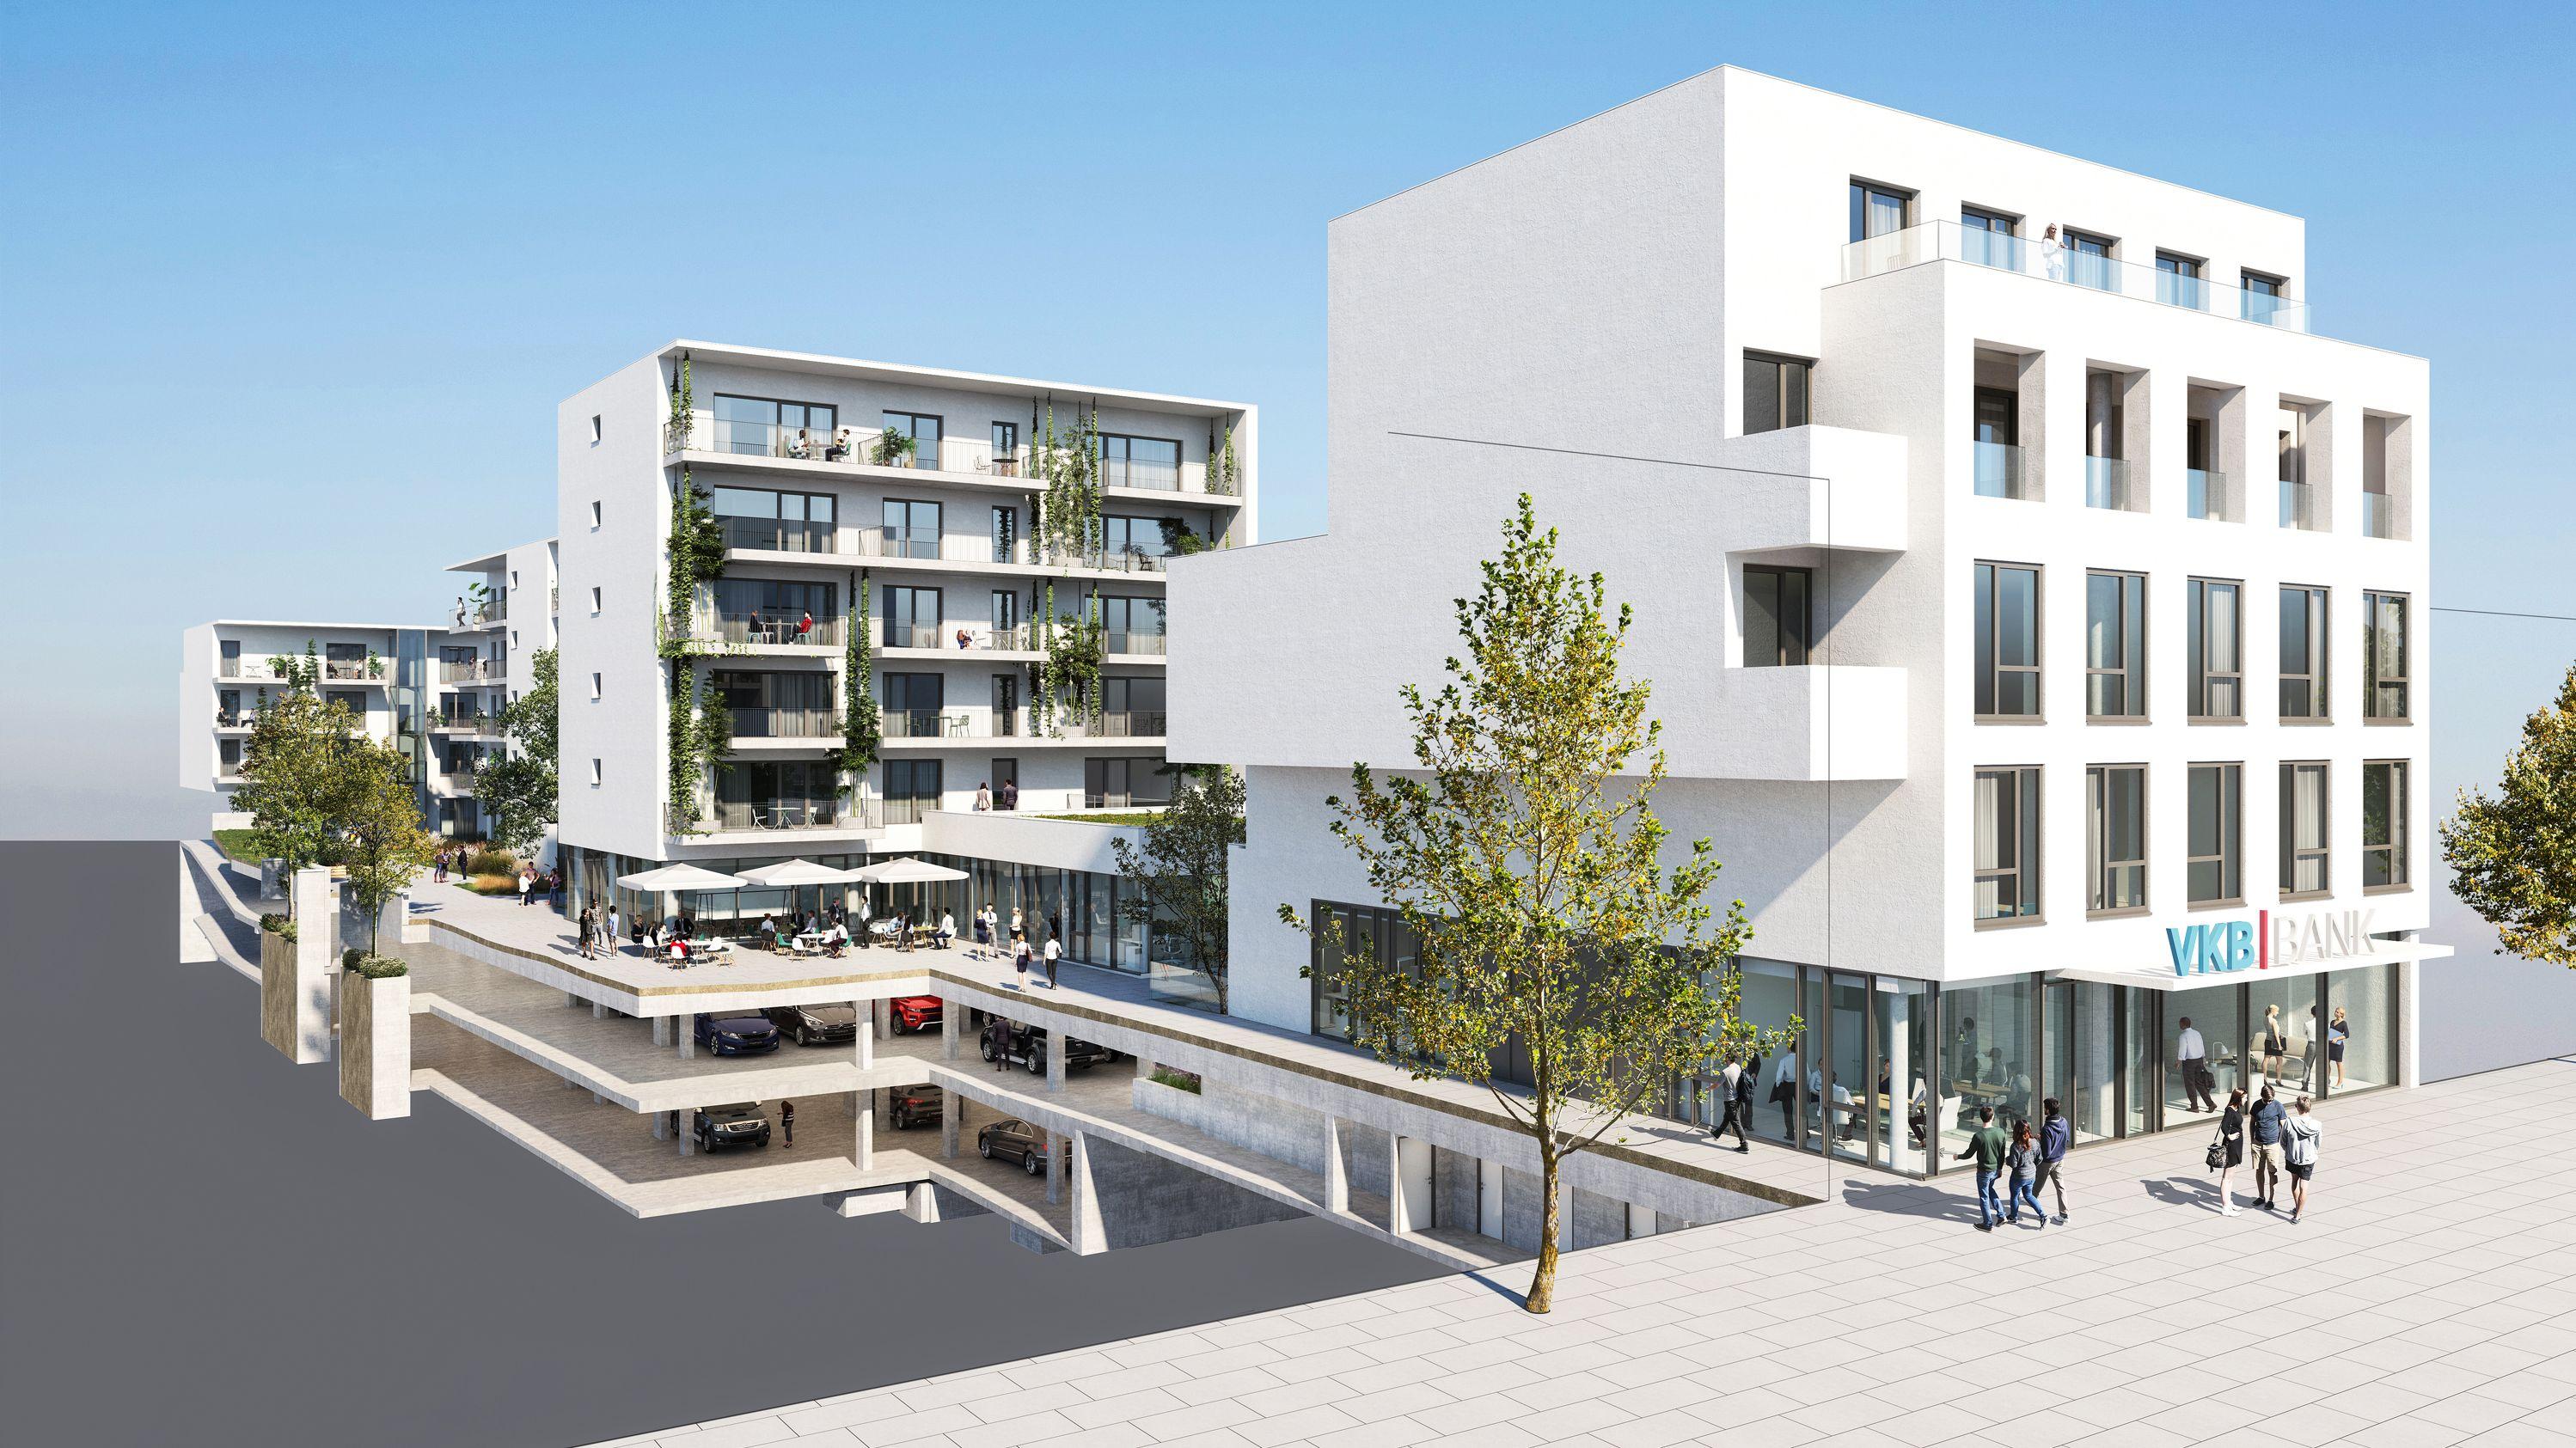 VKB Wels, Kaiser-Josef-Platz. Nachhaltiges Wohnen und Arbeiten.